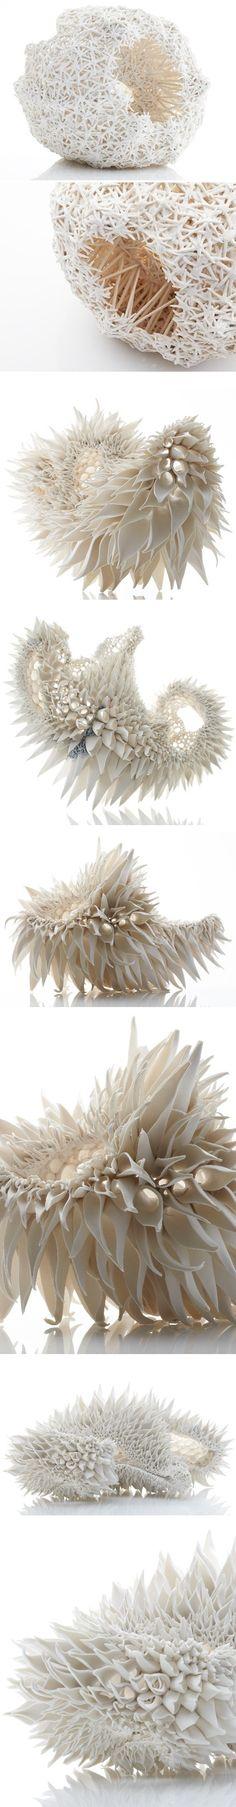 Nuala O'Donovan - Sculptural Ceramics